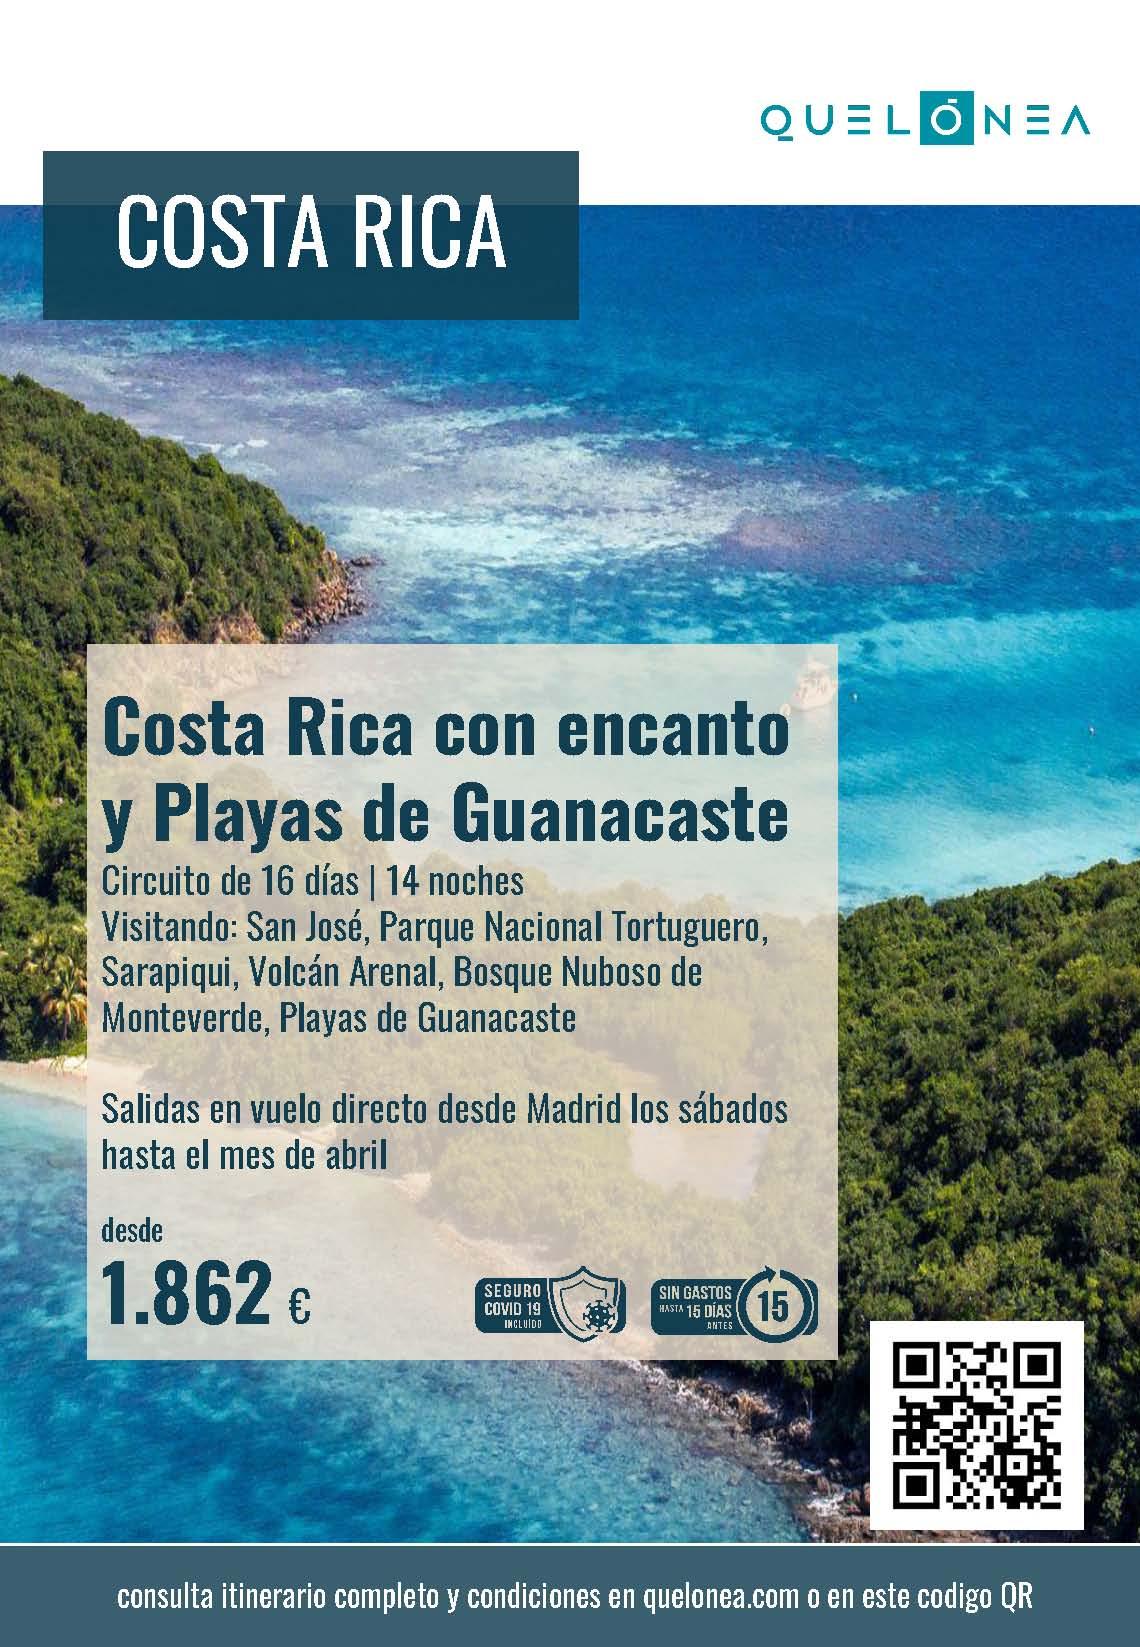 Ofertas Quelonea Costa Rica con Encanto y Playas de Guanacaste 2021-2022 vuelo directo desde Madrid